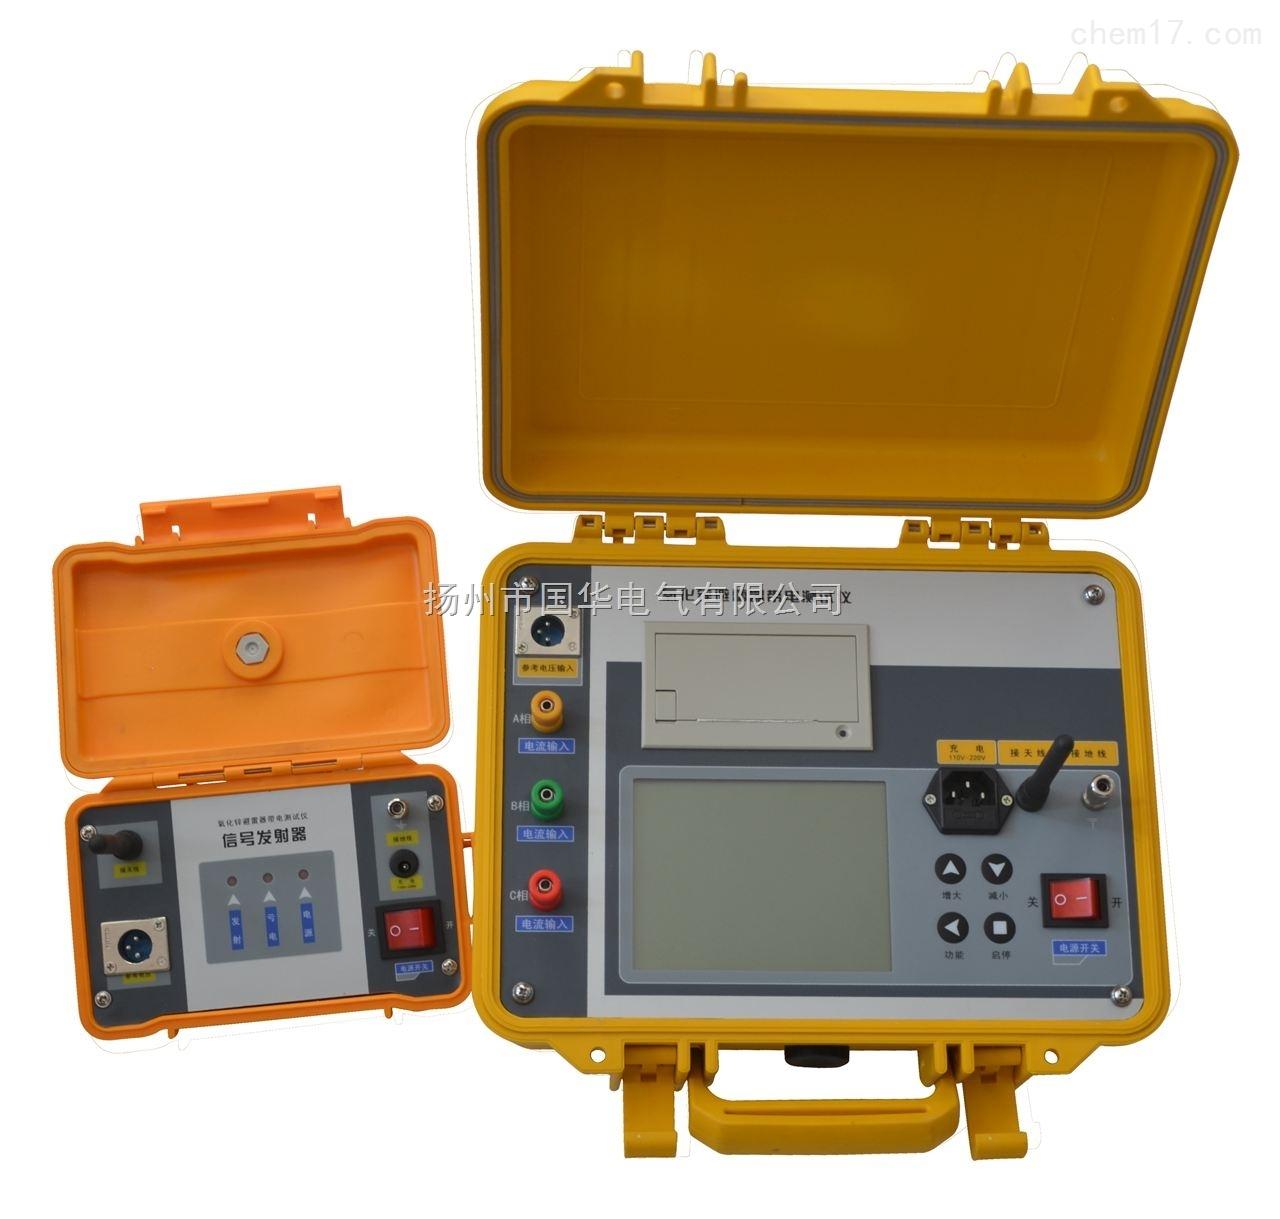 智能型太阳能光伏接线盒综合测试仪 一、概述 智能型太阳能光伏接线盒综合测试仪,是针对光伏接线盒及其它配套组件的电气特性测试而研制的专用测试仪器,可测试接线盒及其组件的压降、漏电流、温漂以及导通直流电阻等参数,能满足20—300W接线盒(6个二极管至一个二极管)的测试所需的要求,它可以广泛应用在接线盒生产厂家和光伏组件生产厂家对接线盒电气性能参数测试,以提高接线盒产品的性能及质量 。 本仪器采用微电脑控制,320*240点阵的大液晶屏幕显示,测量快速,显示清晰明了。并带有故障报警的功能。测量时无